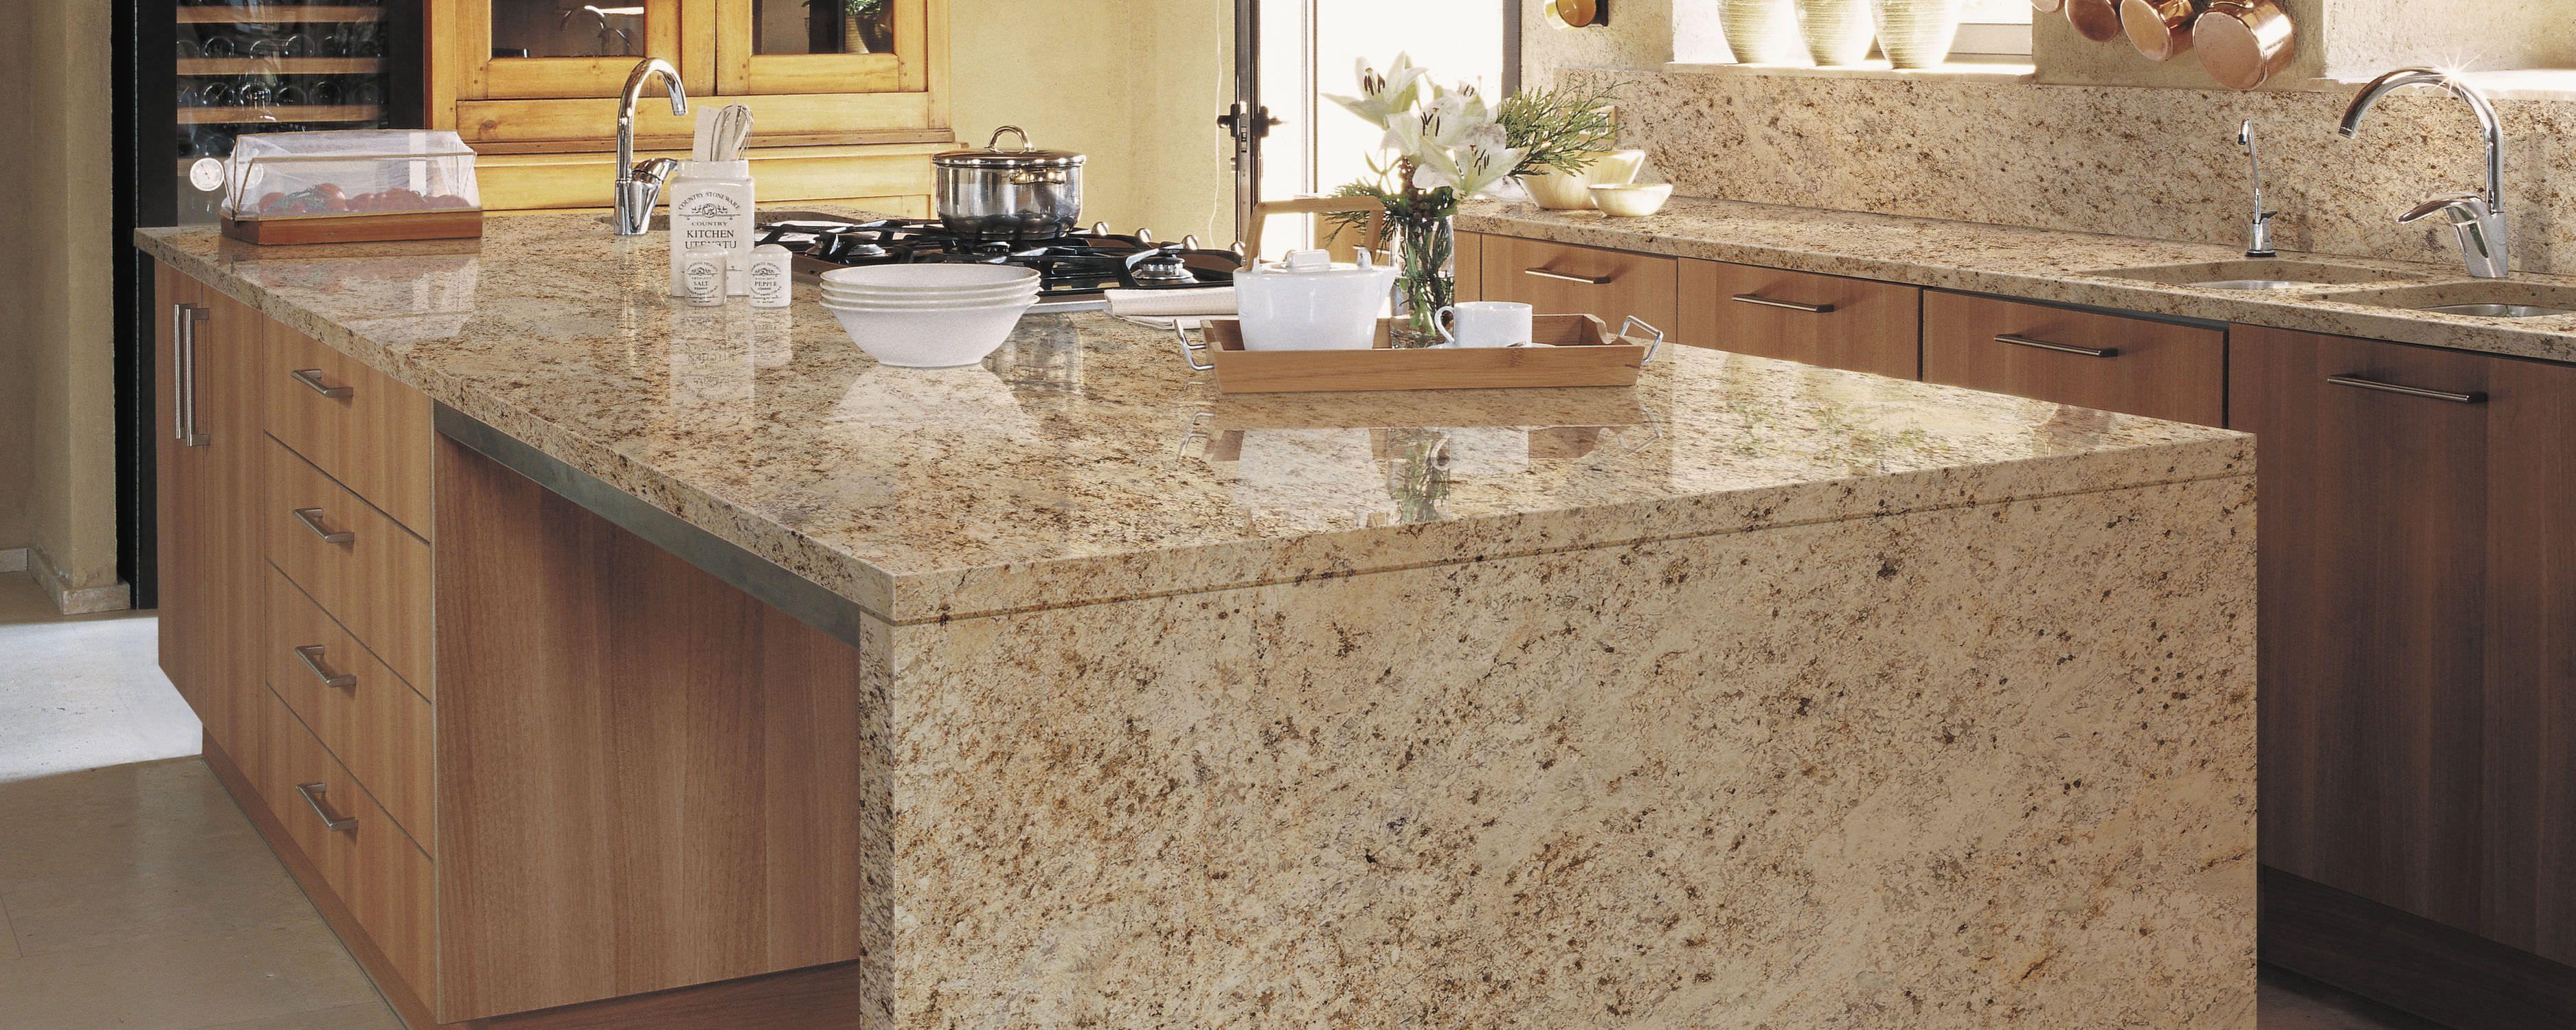 Cubierta granito gold cocinas integrales m dul studio for Cocinas de granito natural